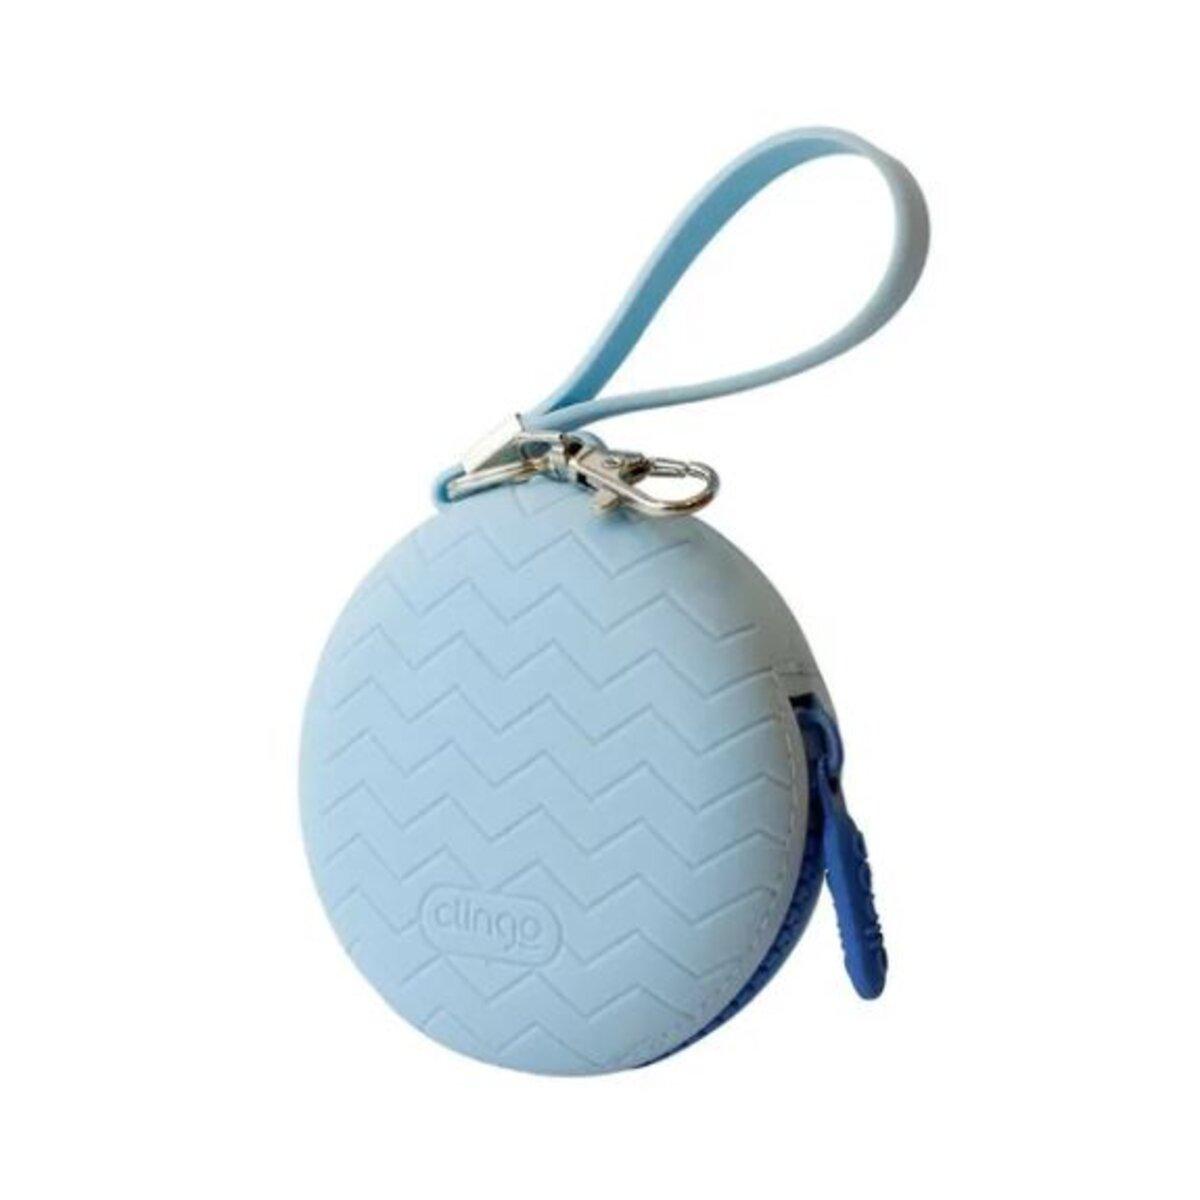 Porta Chupeta de Silicone com Zíper Azul - Clingo